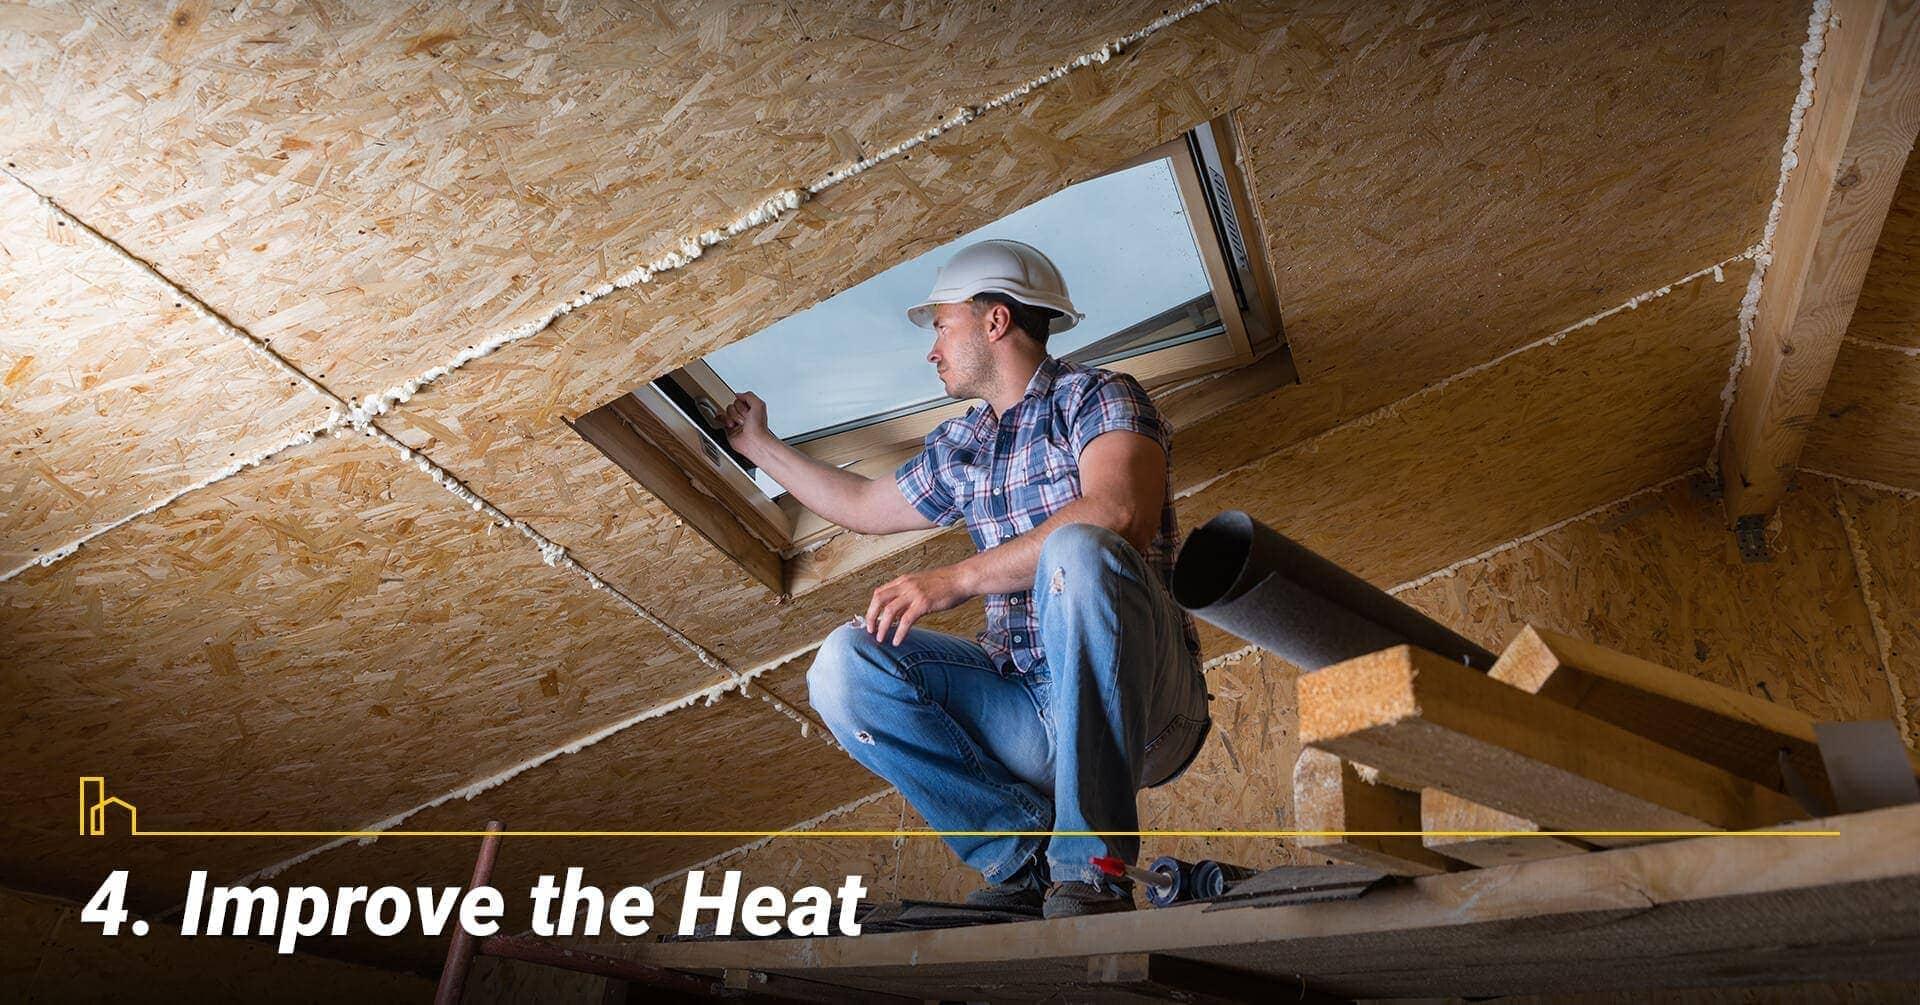 Improve the Heat